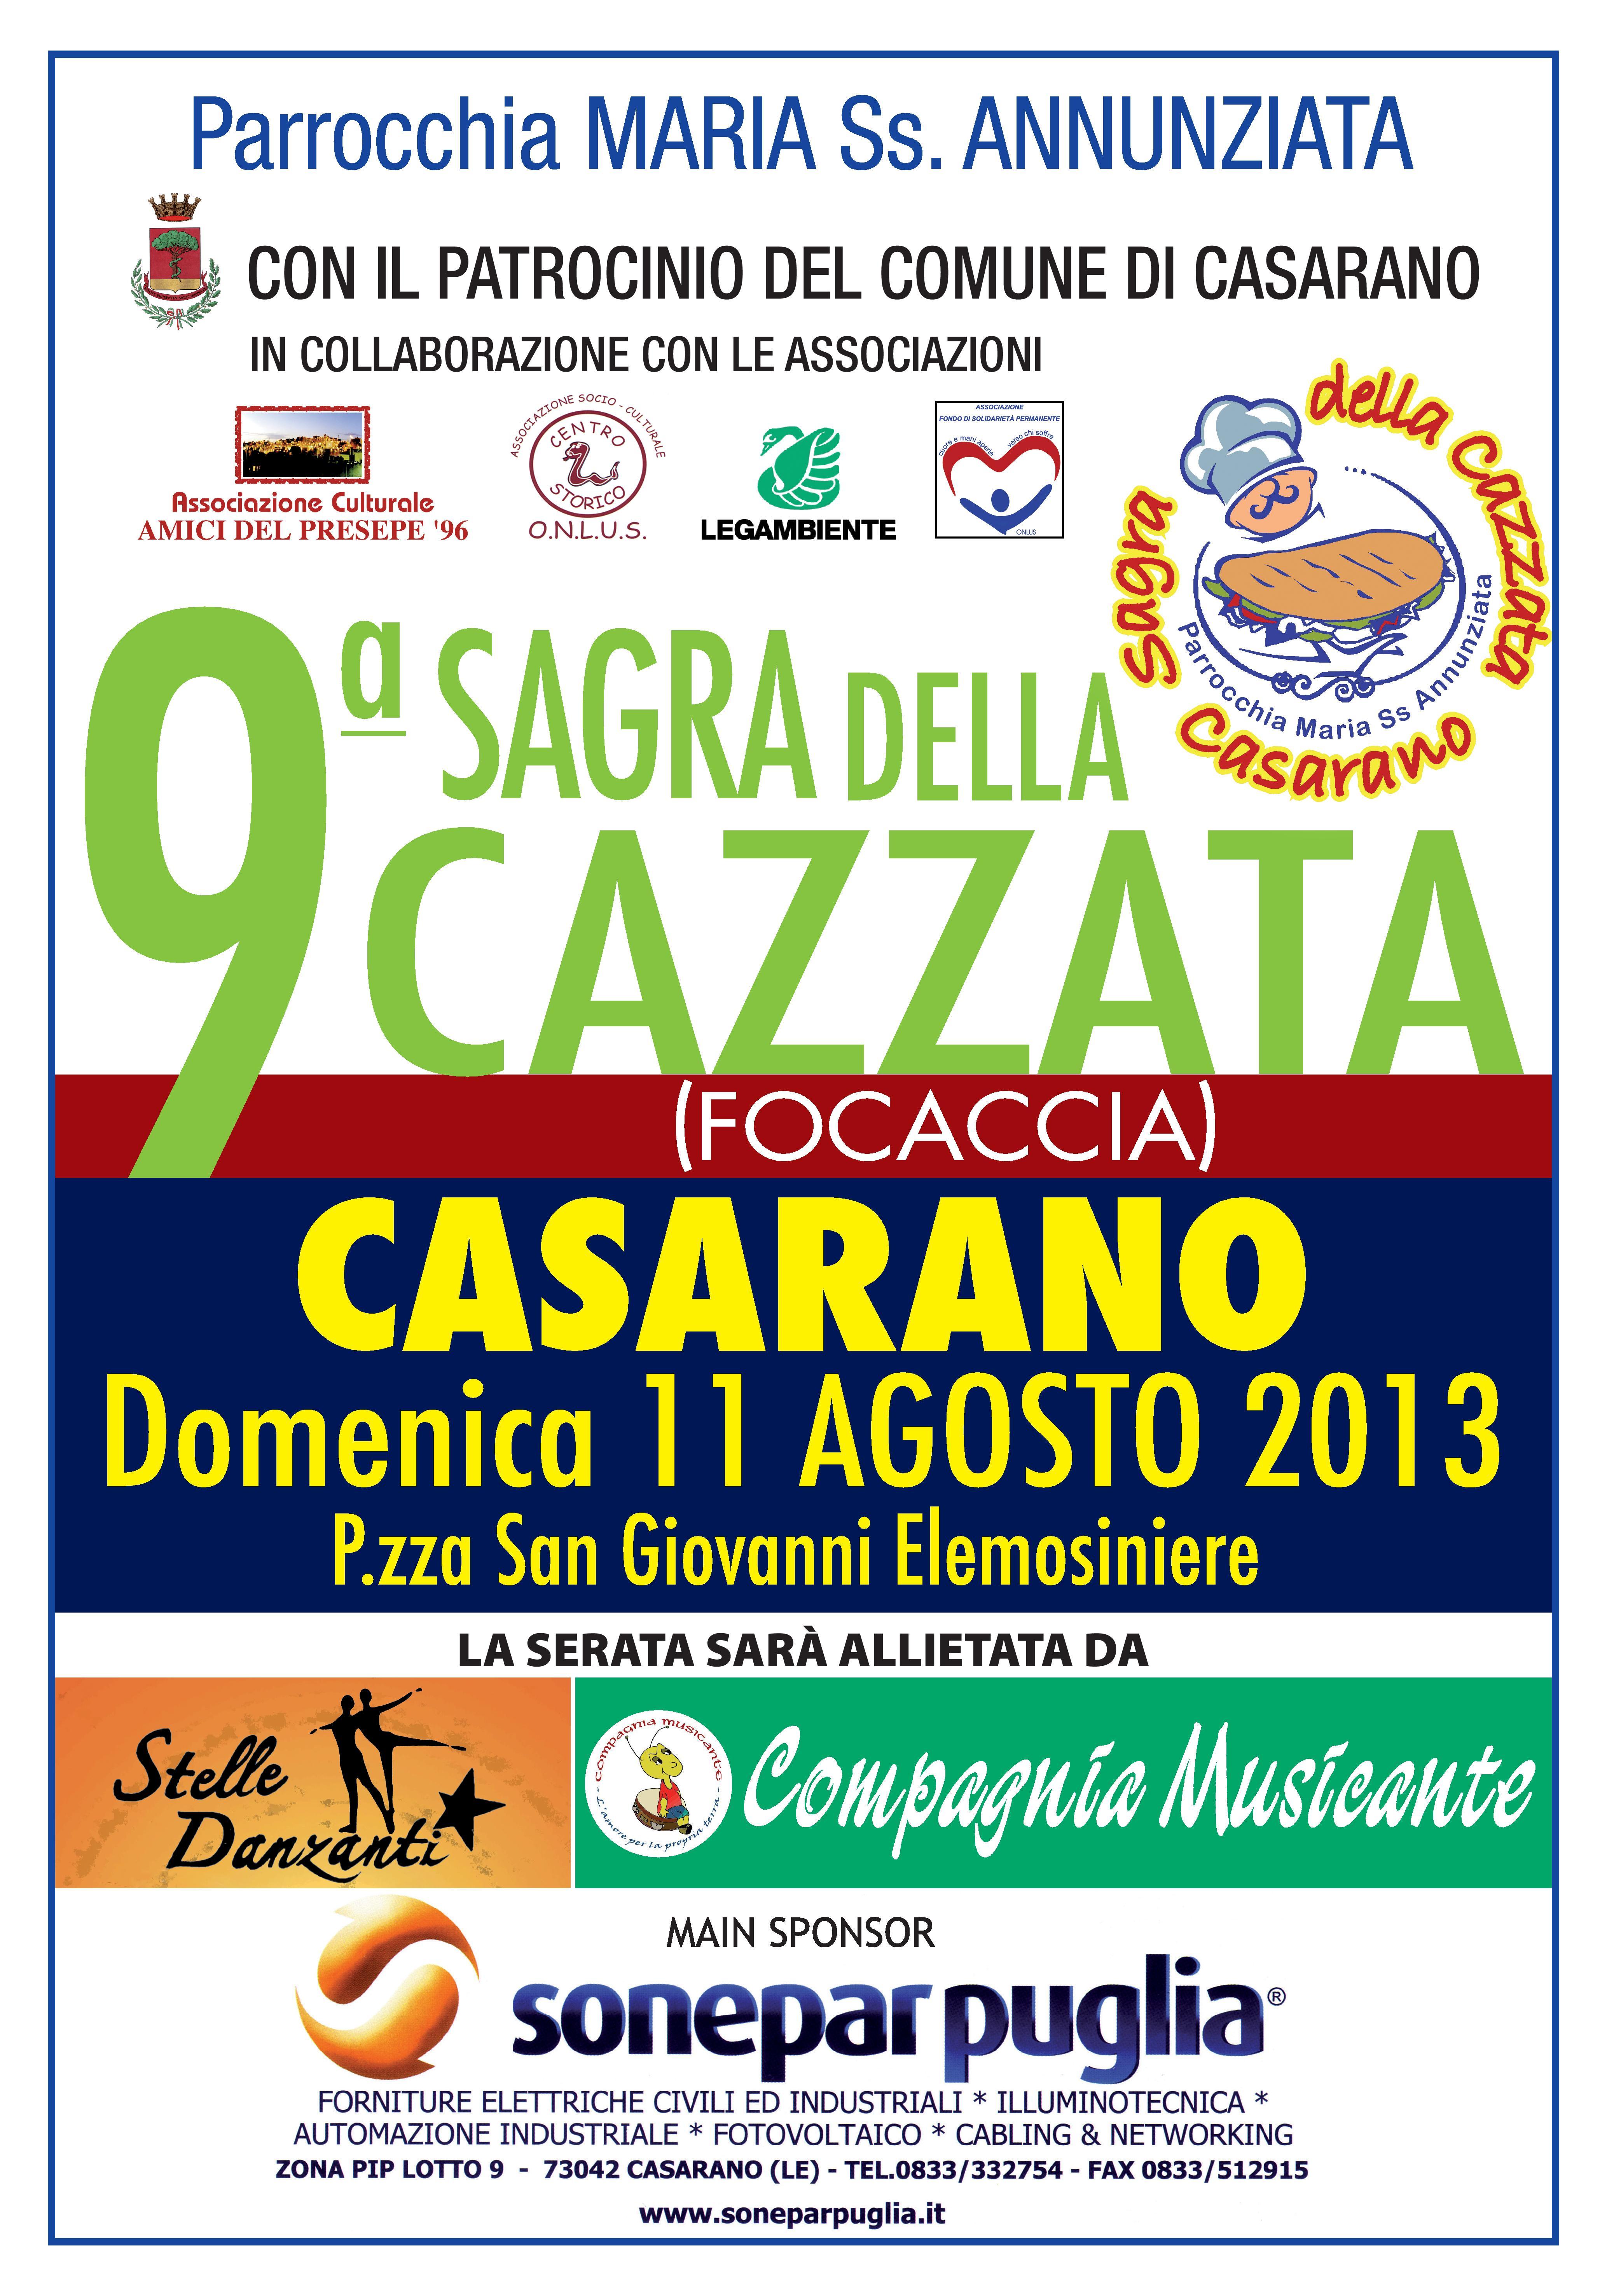 Sagra della focaccia 2013, l'11 agosto a Casarano (Le) post image